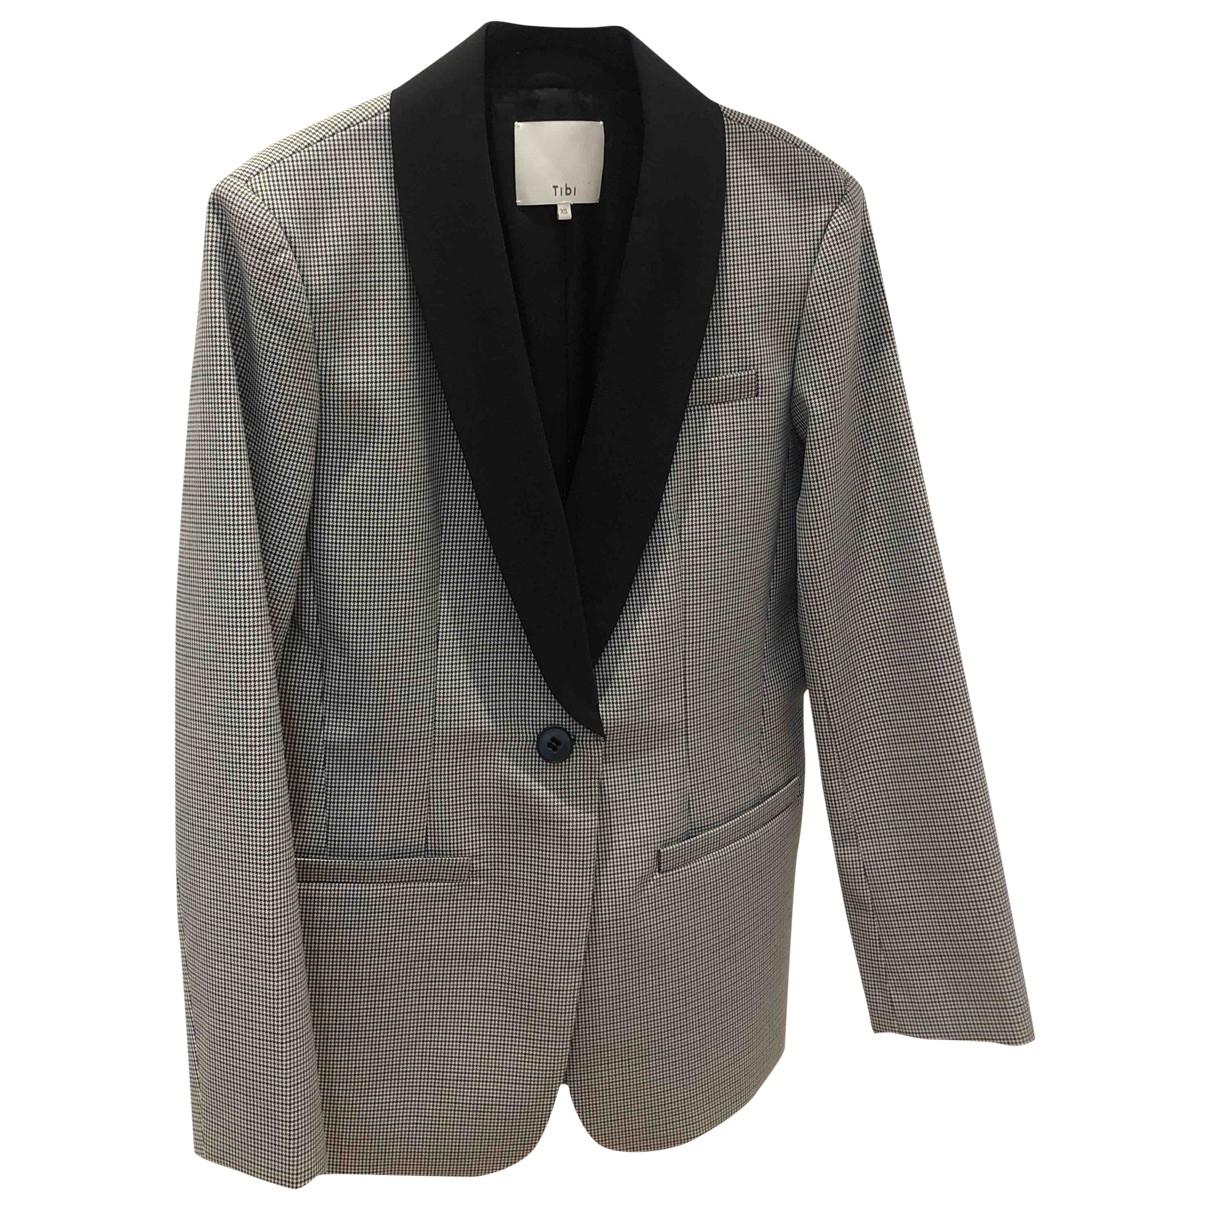 Tibi \N Black jacket for Women XS International